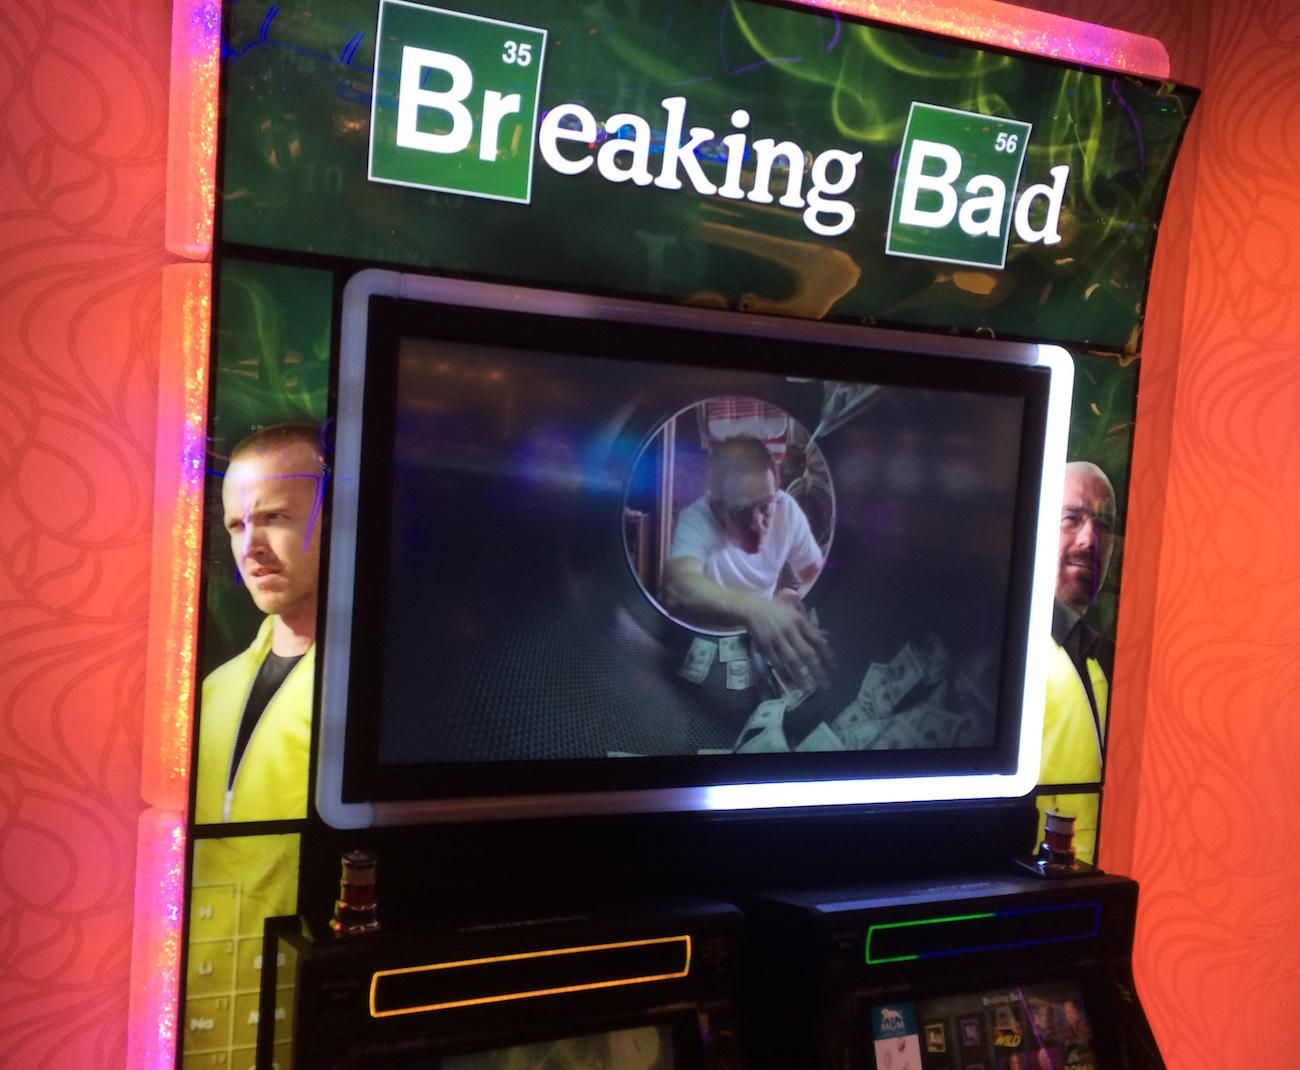 I'd just as soon break even than break bad